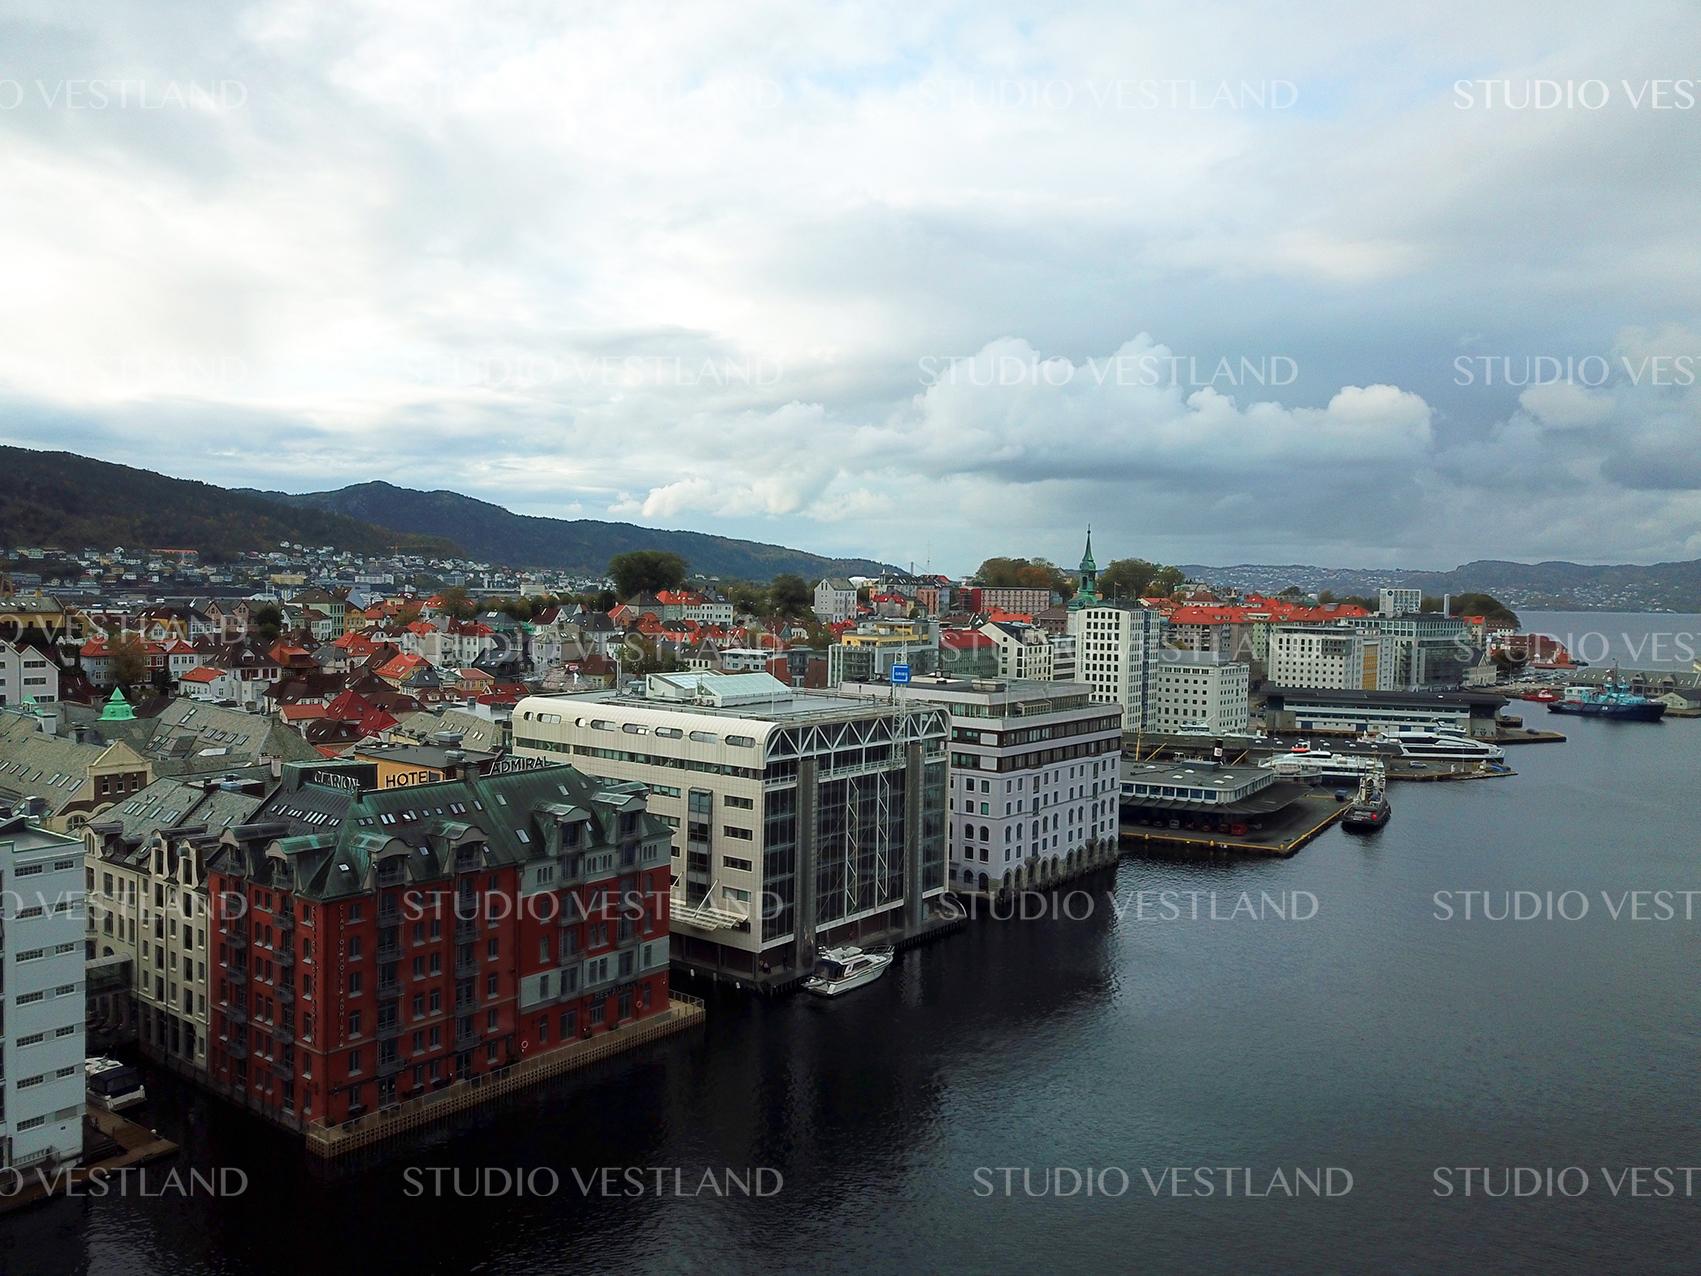 Studio Vestland - Bergen 09